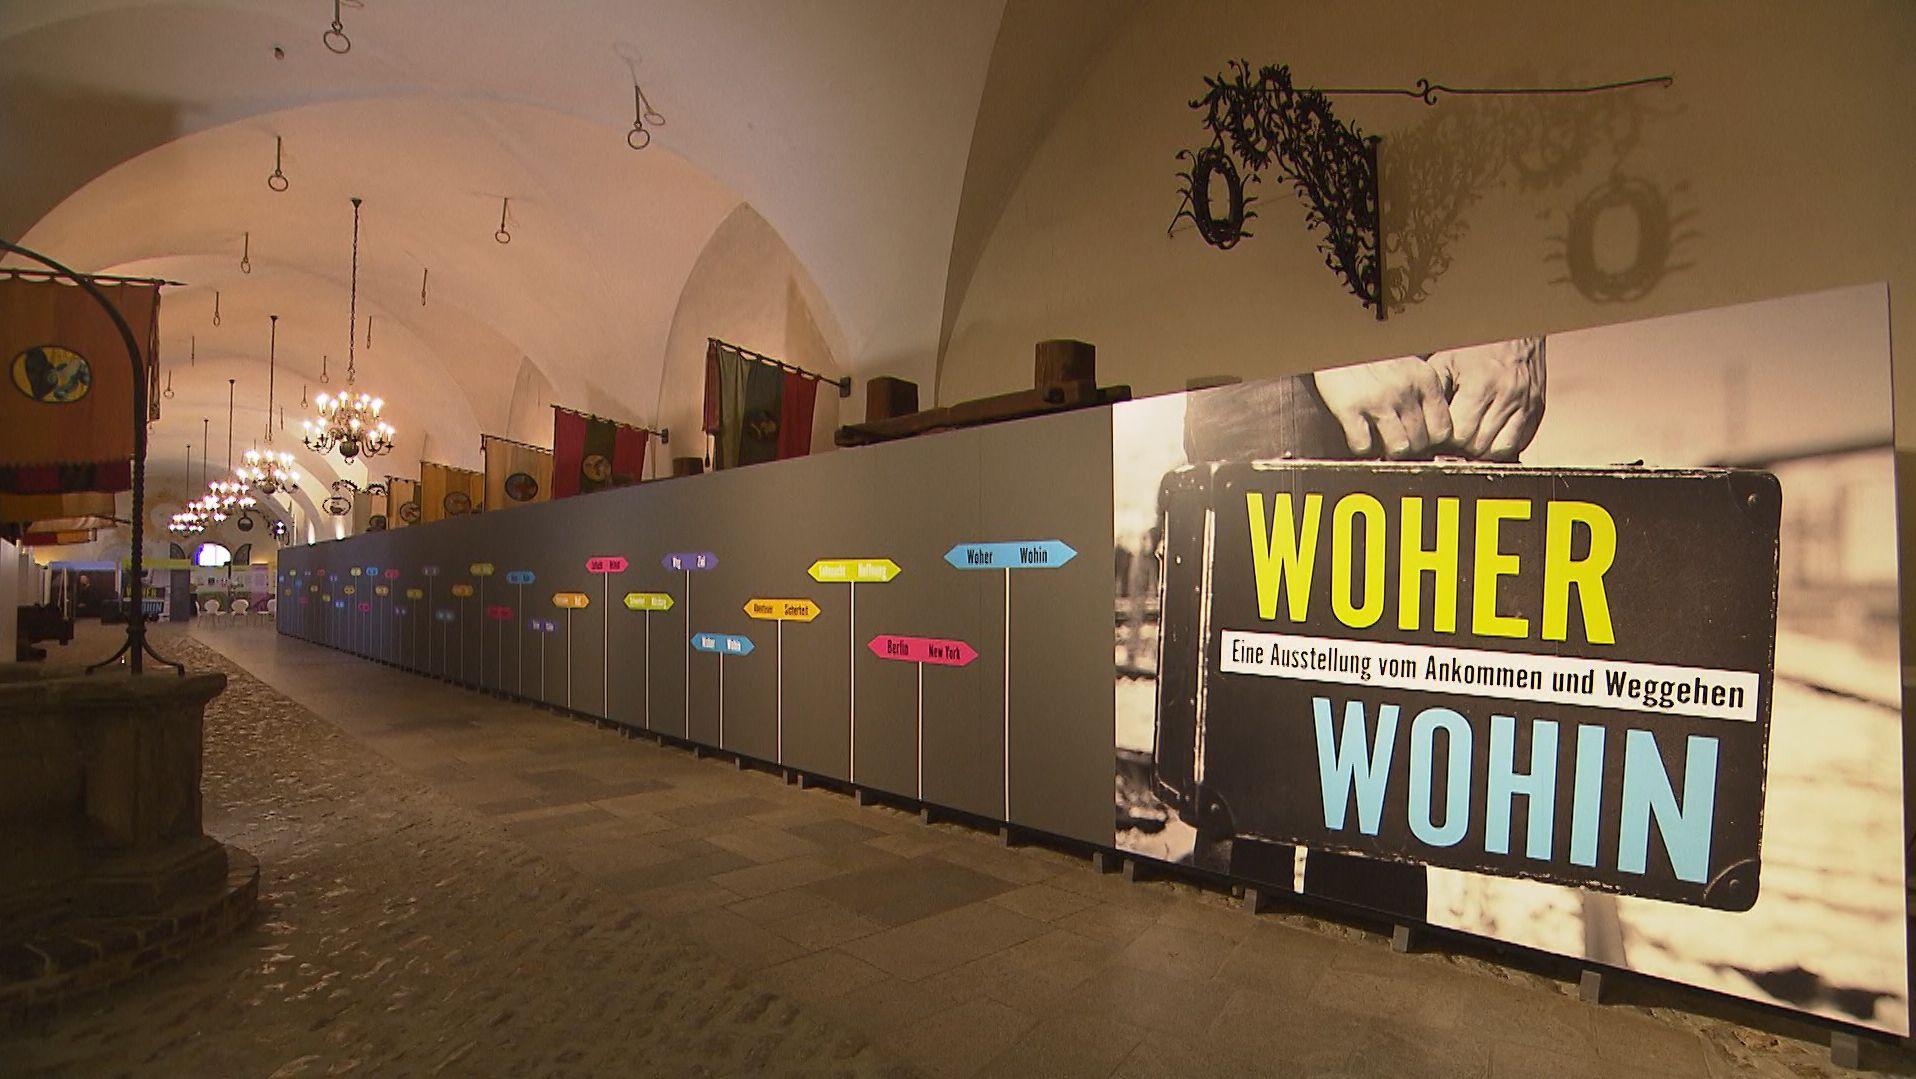 Museum für Franken: Weggehen und Ankommen